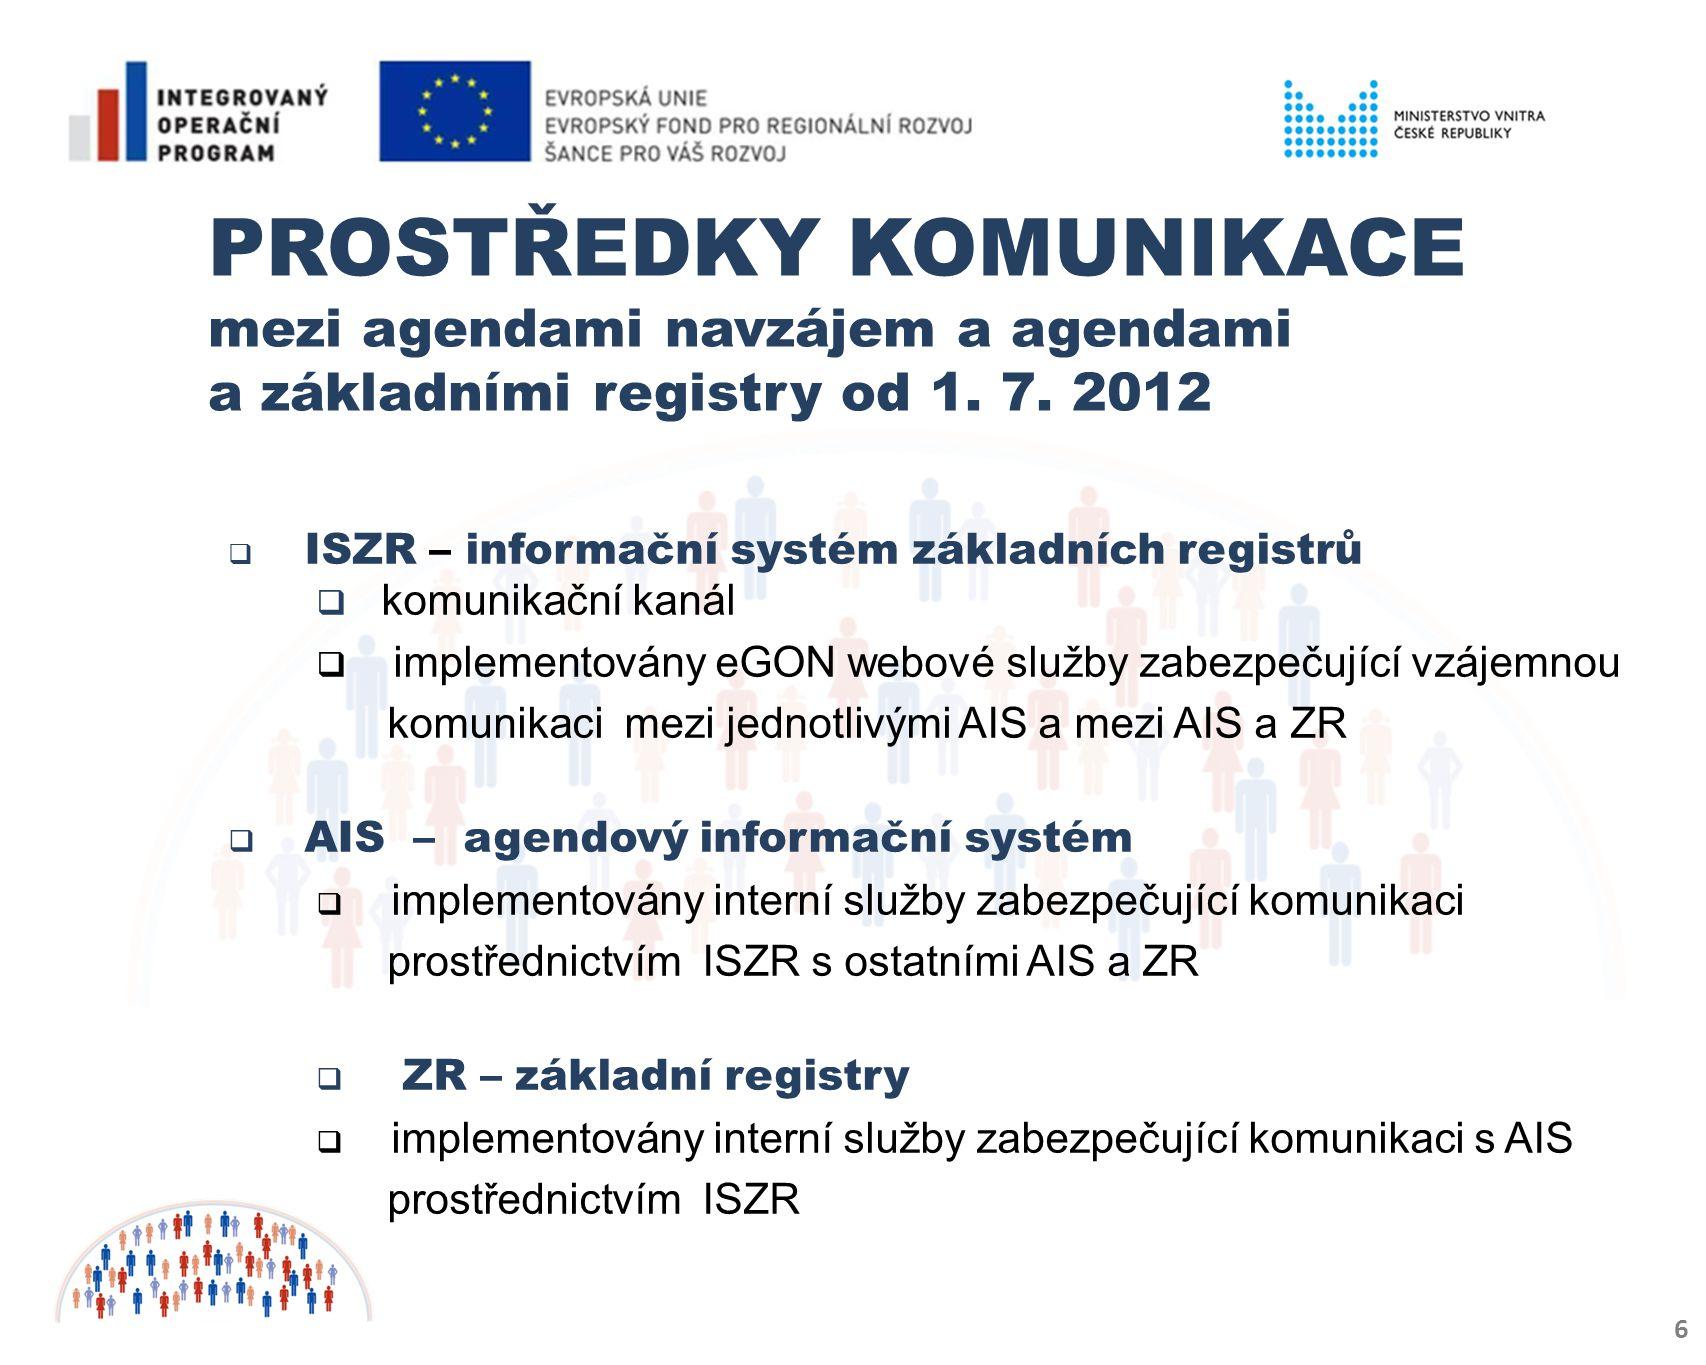  RPP – registr práv a povinností  zajišťuje přístup k údajům vedených v ZR a AIS na základě ověření v matici práv a oprávnění  neobsahuje žádné osobní údaje  zajišťuje bezpečnost osobních dat  je neveřejný, komunikuje pouze s ISZR  ORG – specifický informační systém ZR (tzv.